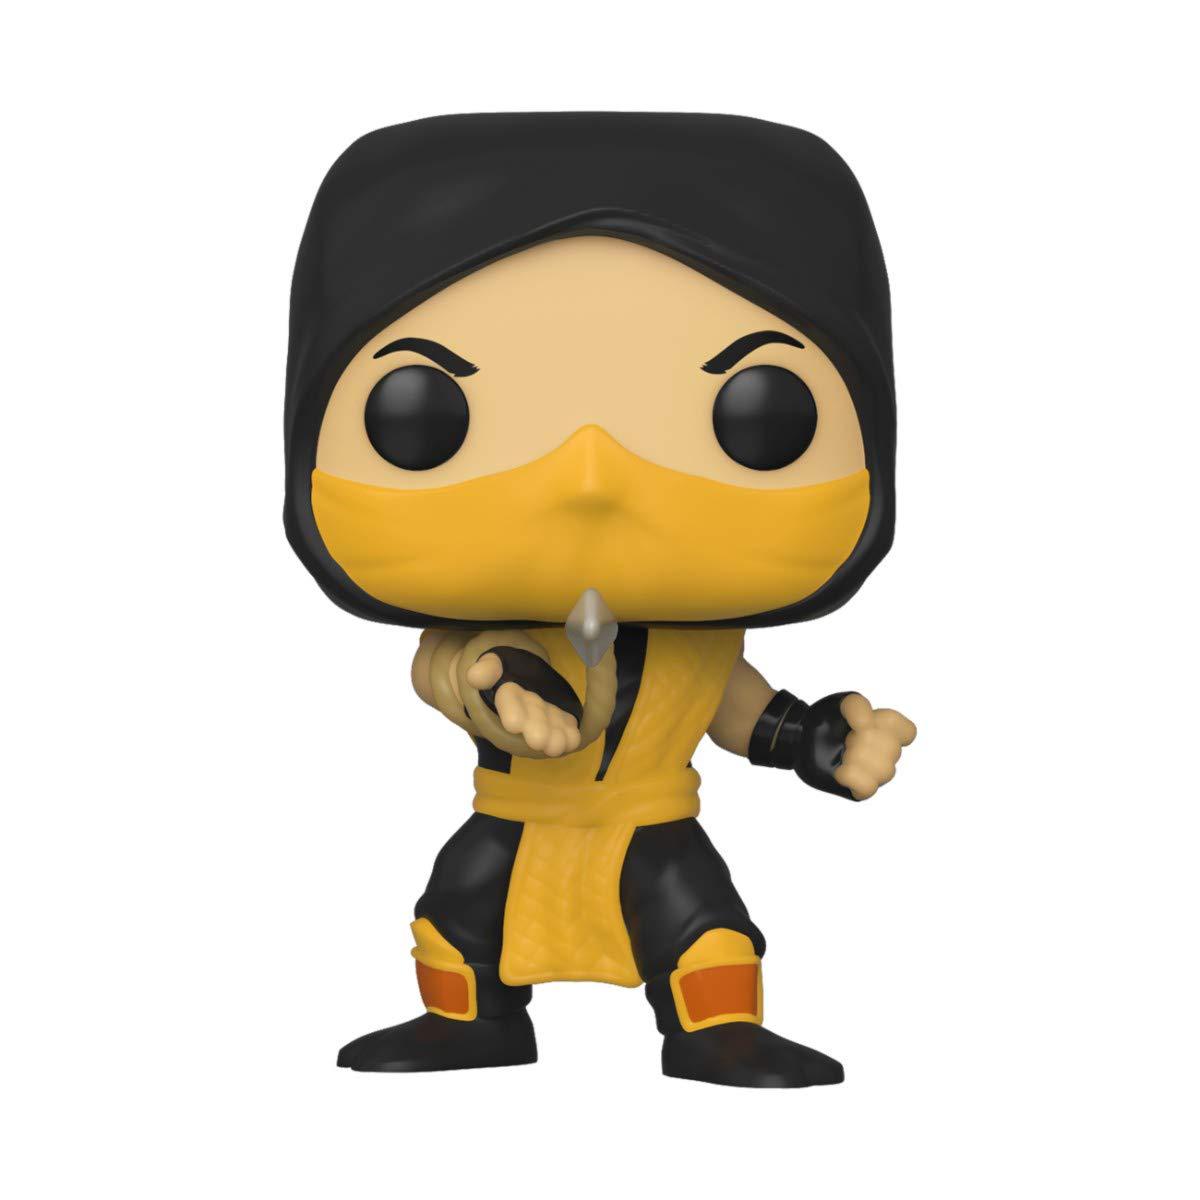 Funko Pop! Games: Mortal Kombat - Scorpion, Multicolor,3.75 inches